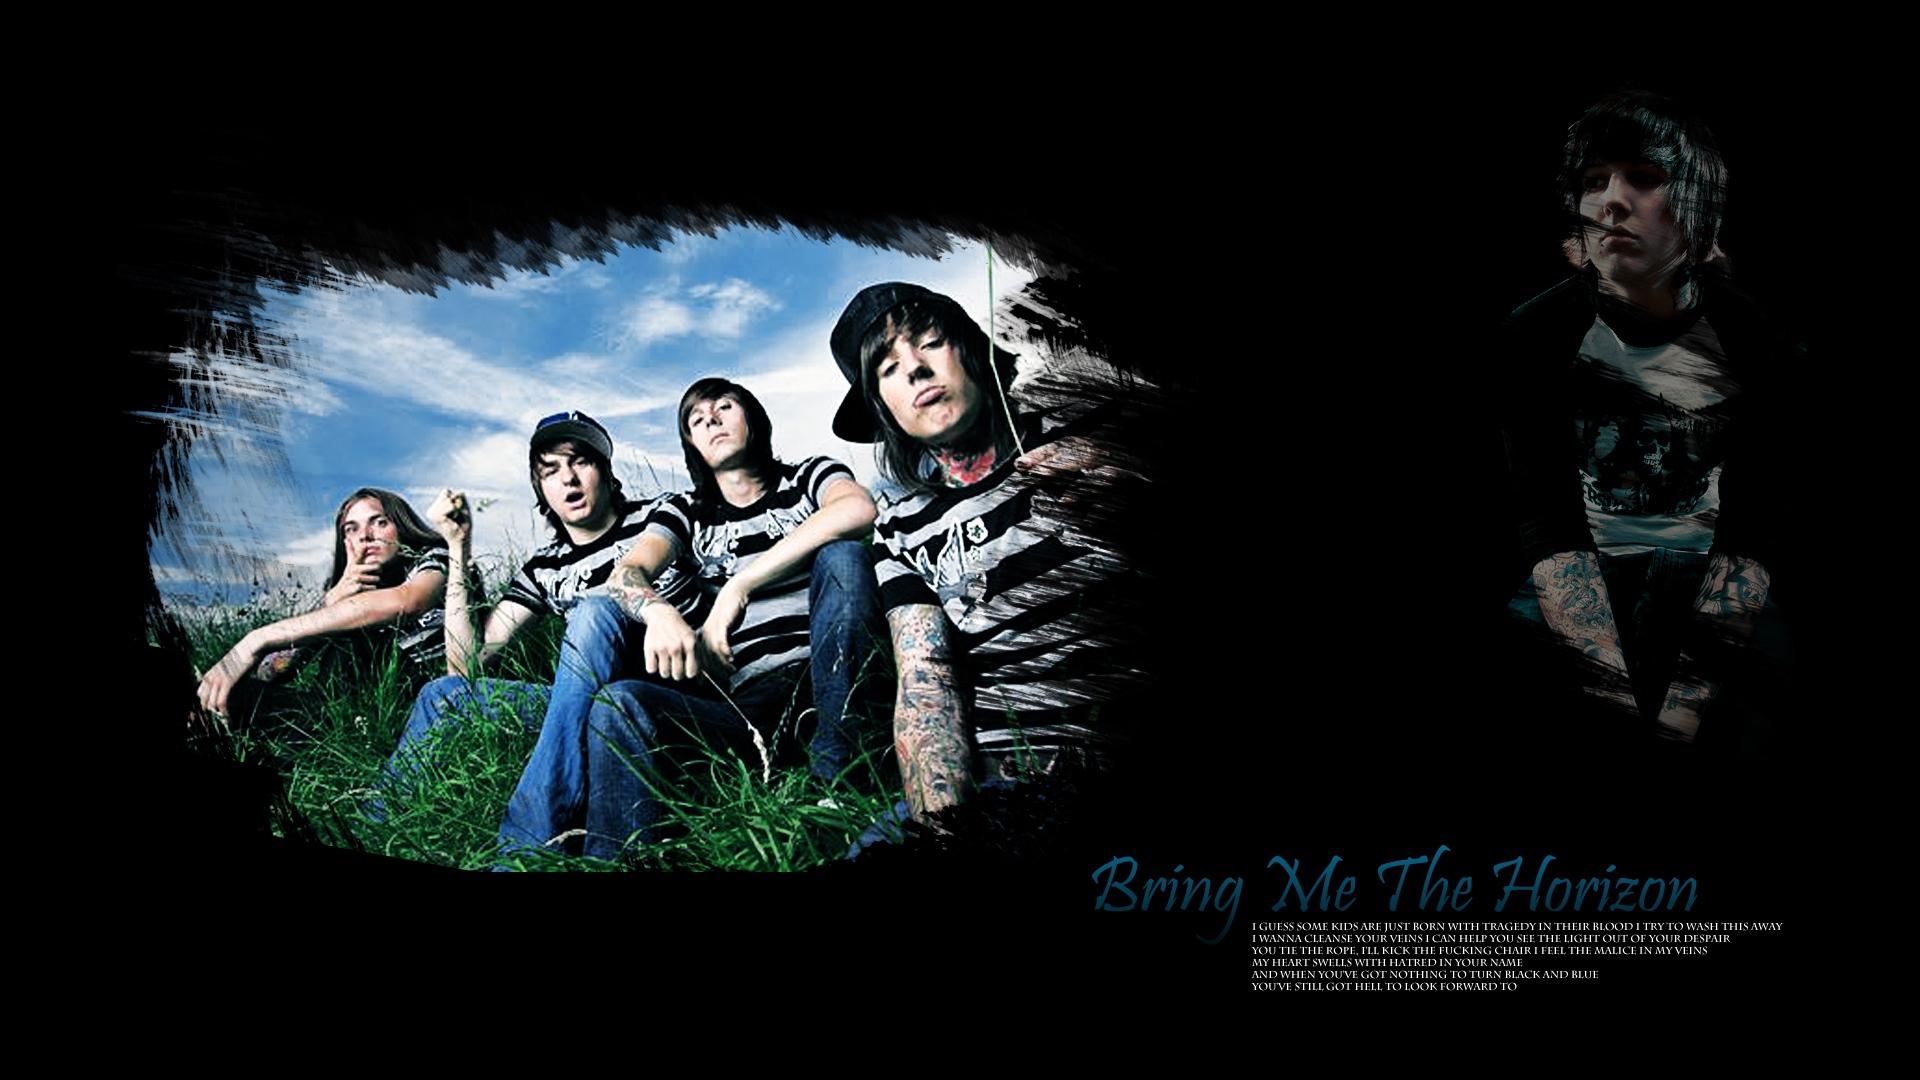 Download Wallpaper 1920x1080 Bring Me The Horizon Band Members